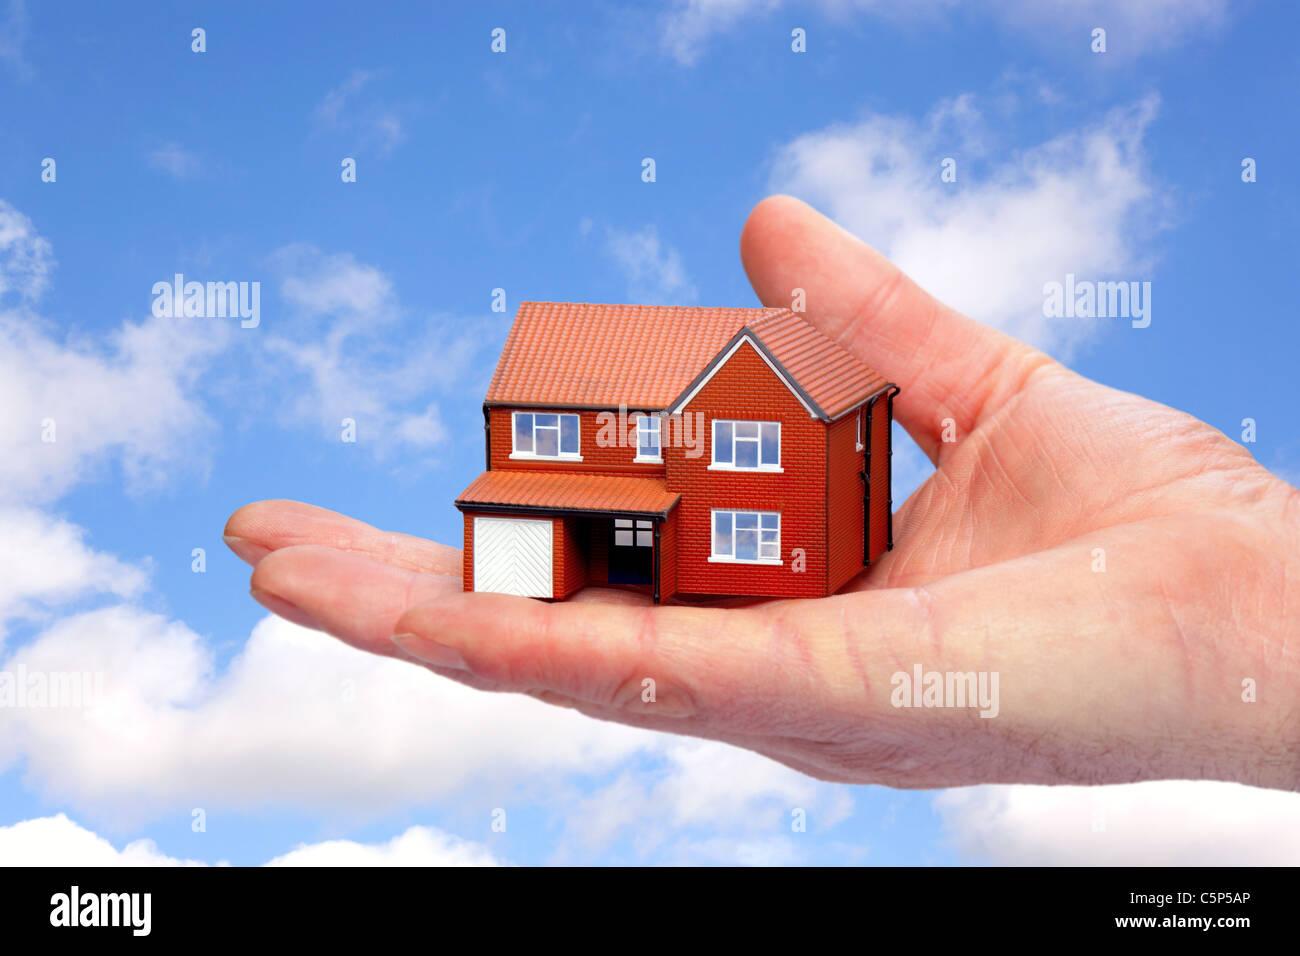 Foto de una mano sujetando una casa modelo contra un fondo de cielo. Foto de stock